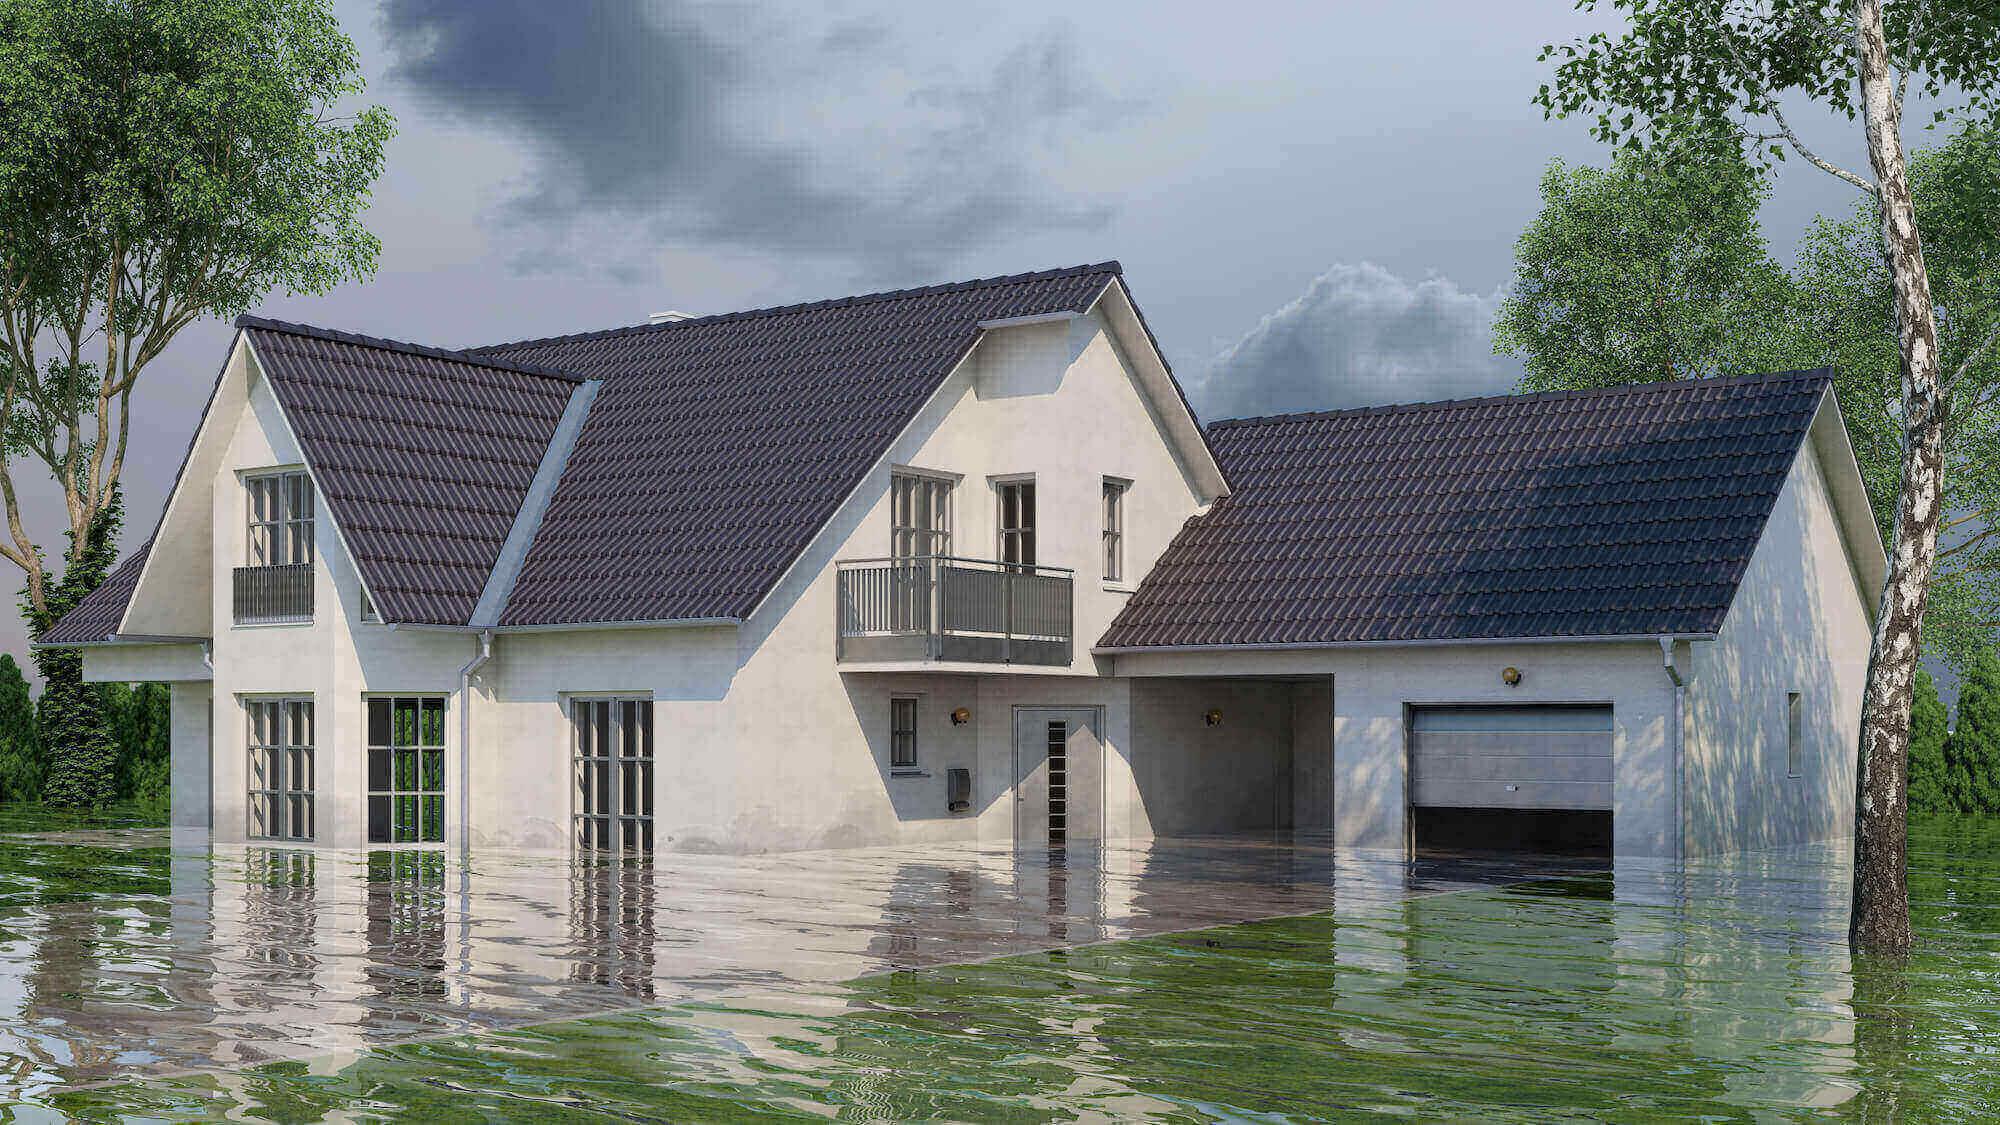 Flood Damage in Melbourne